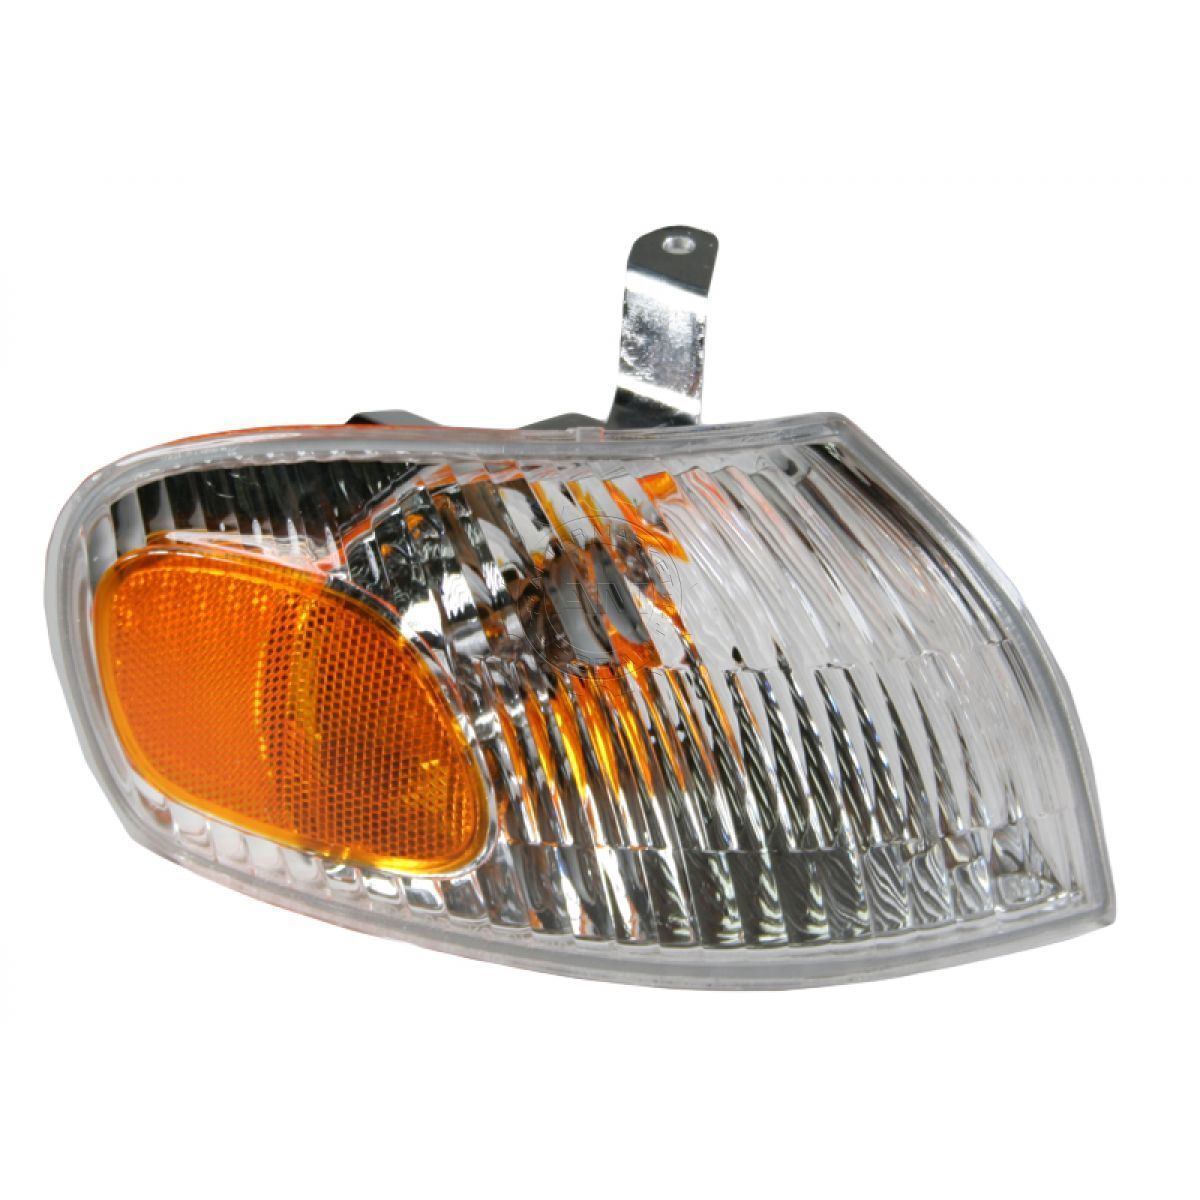 コーナーライト Marker Turn Parking Signal Corner Light Right Passenger Side for 98-02 Prizm マーカーターンパーキング信号コーナーライト右乗客側98-02 Prizm